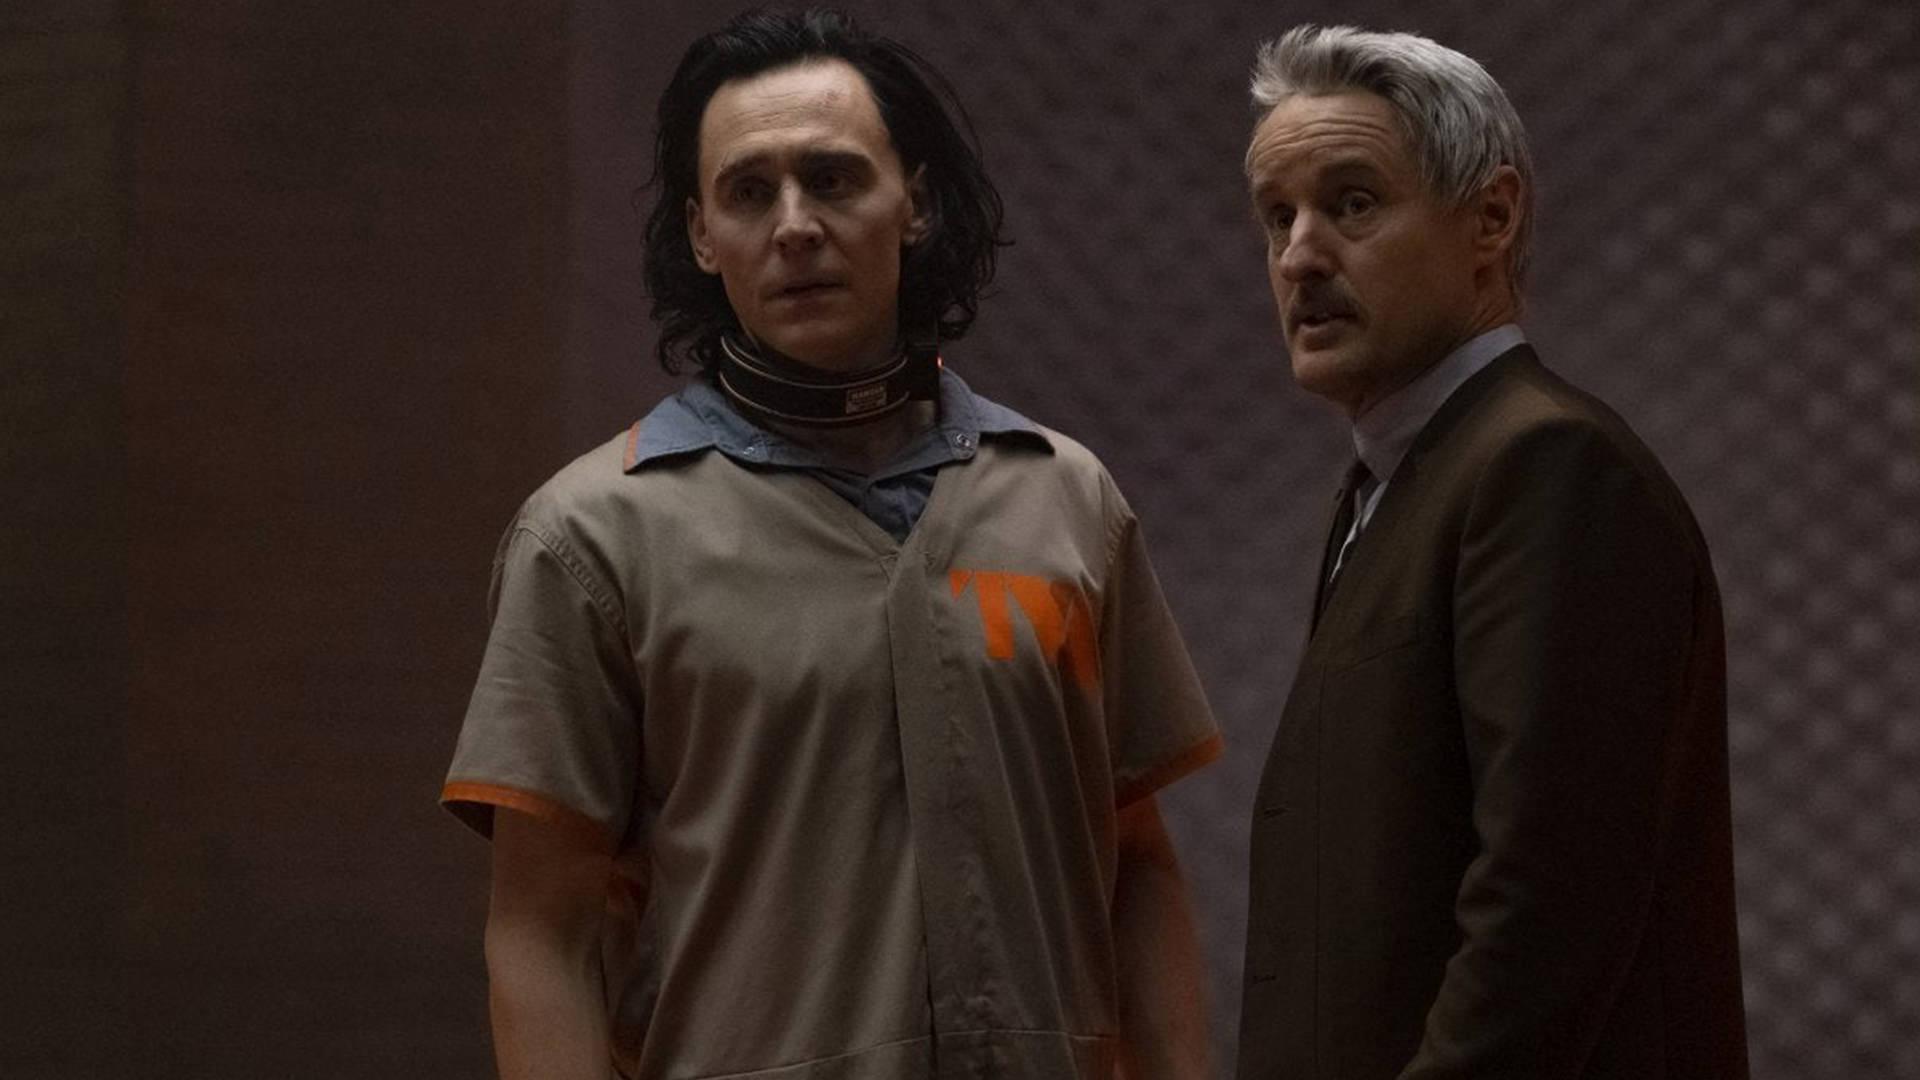 بررسی خصوصیات لوکی در اولین ویدیو سریال Loki با بازی تام هیدلستون